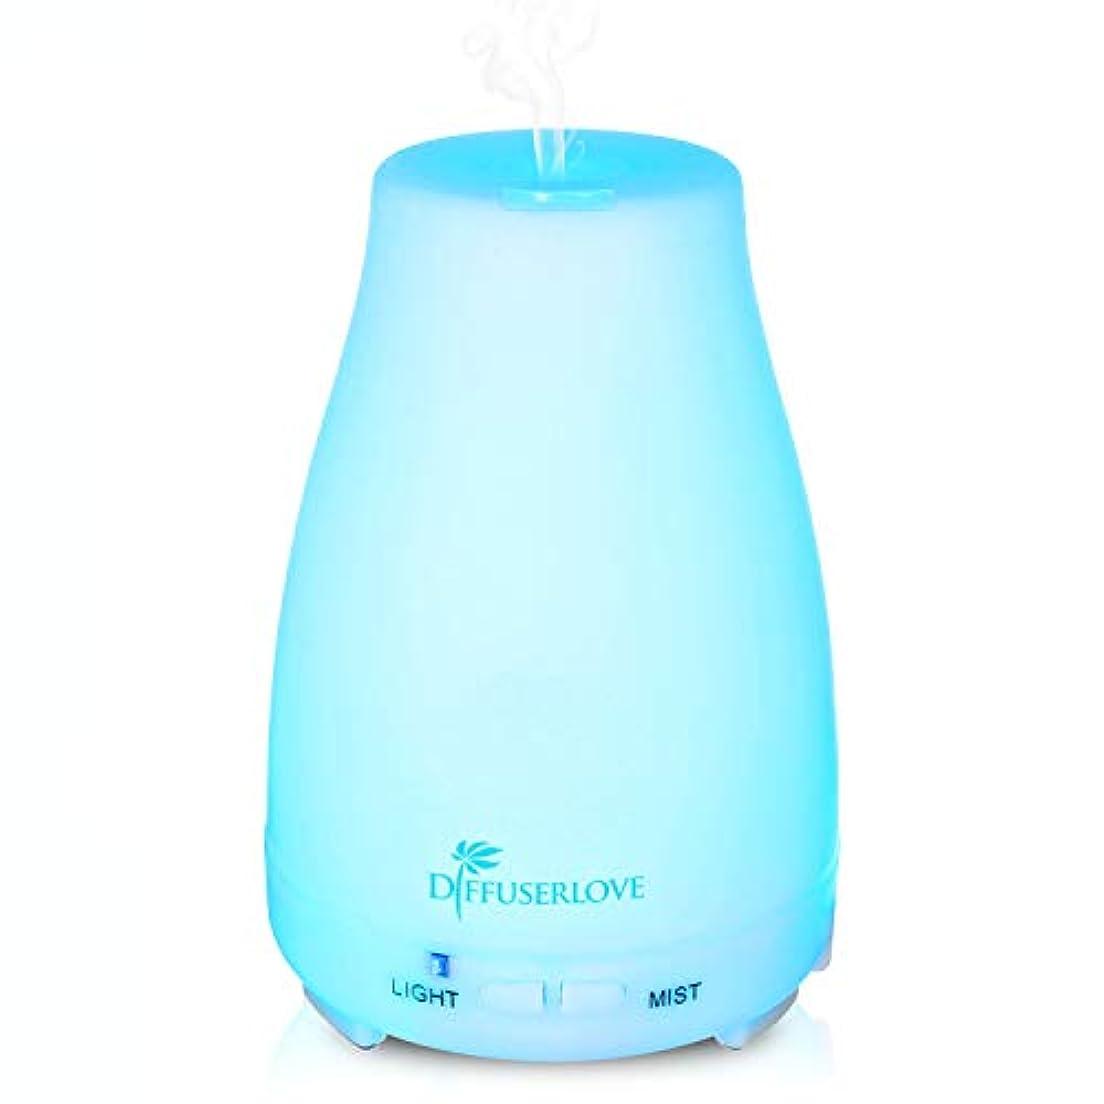 レバー接触印刷するdiffuserlove Max 220 mlエッセンシャルオイルアロマセラピーディフューザー超音波リモートコントロールミスト加湿器7色LEDライト、Waterless自動遮断の寝室オフィス家キッチンヨガ